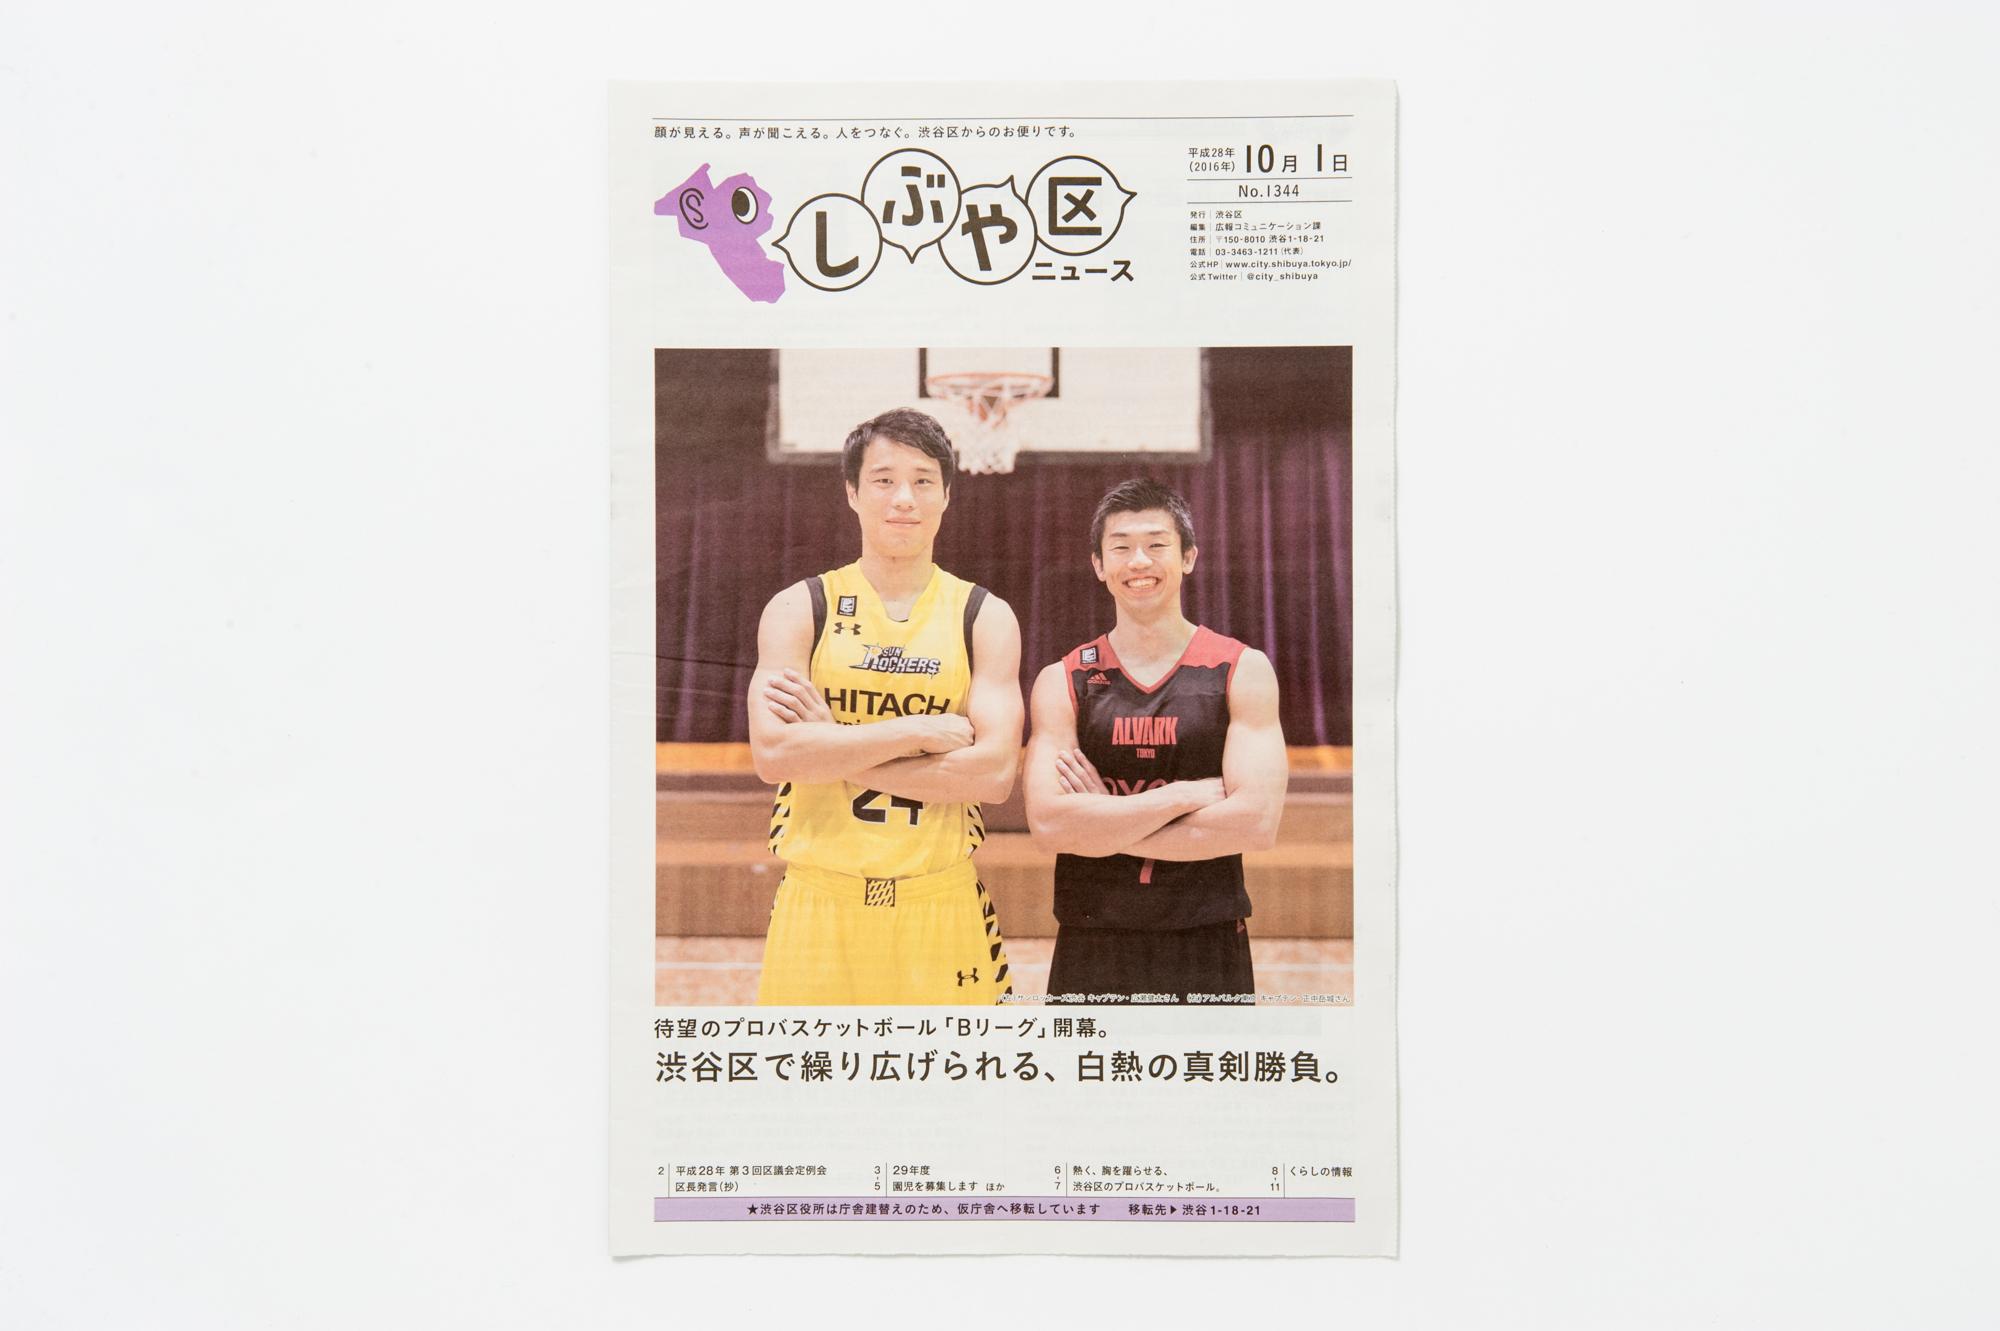 しぶや区ニュース10月1日  2016 photo:TADA